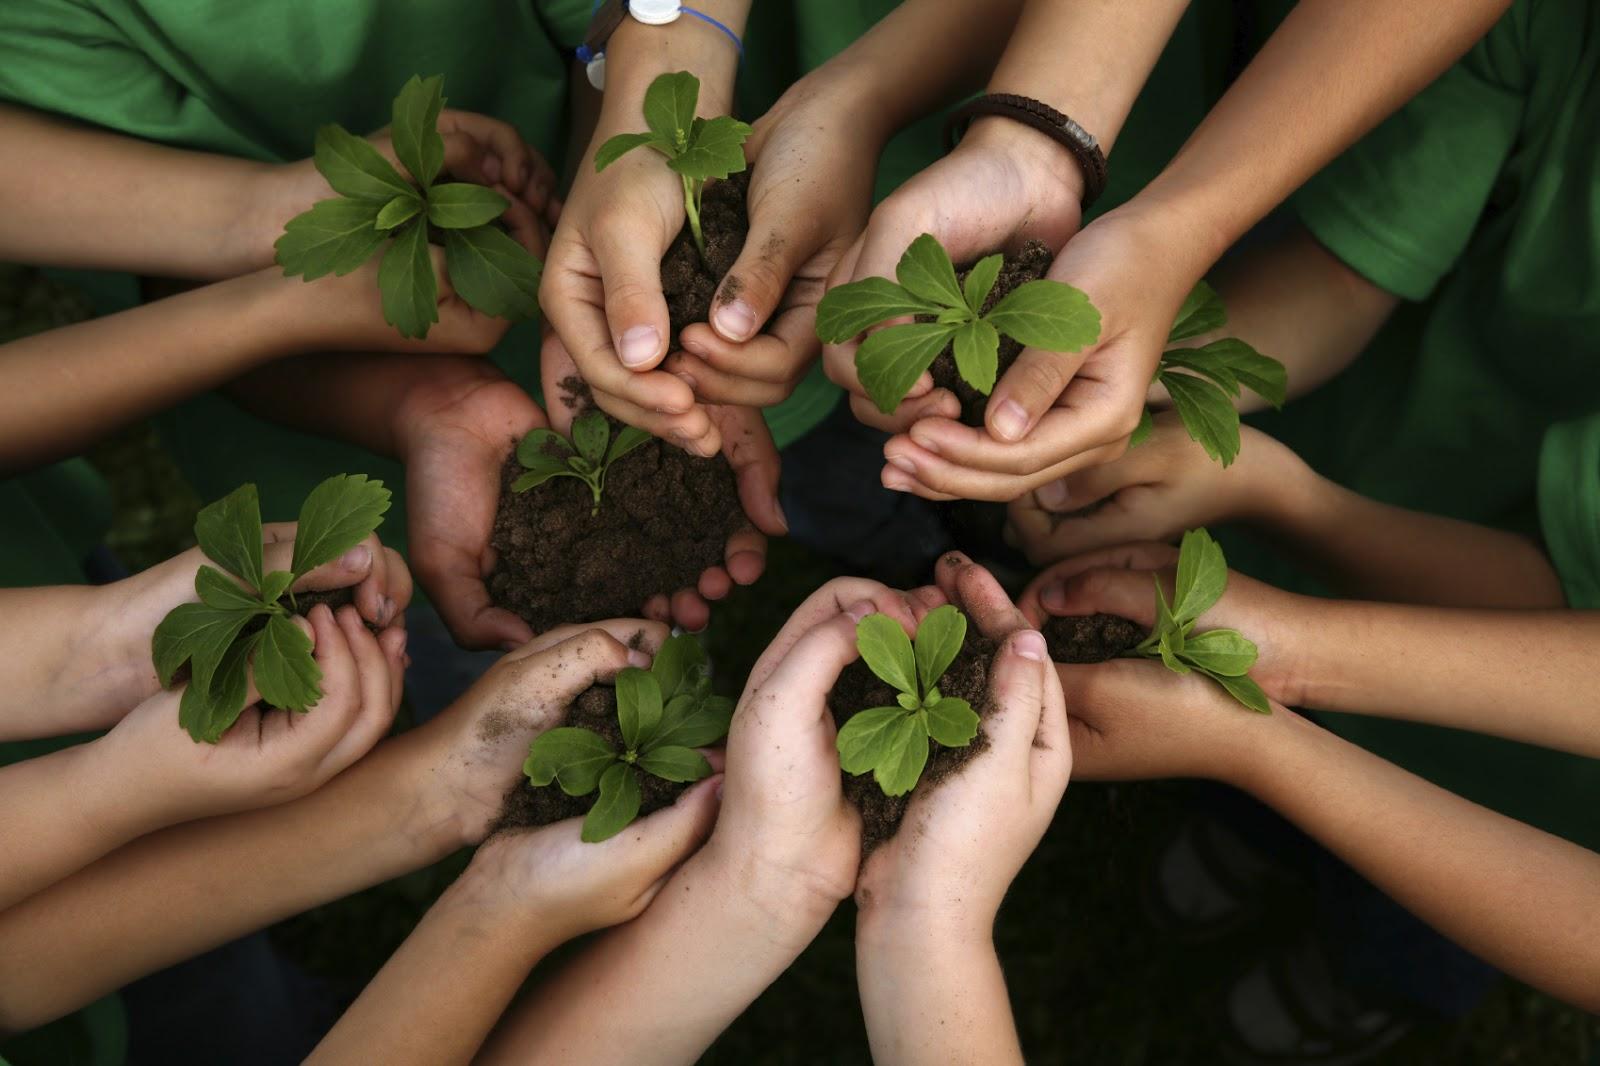 Sao không đưa bộ môn giáo dục môi trường vào chương trình giảng dạy?